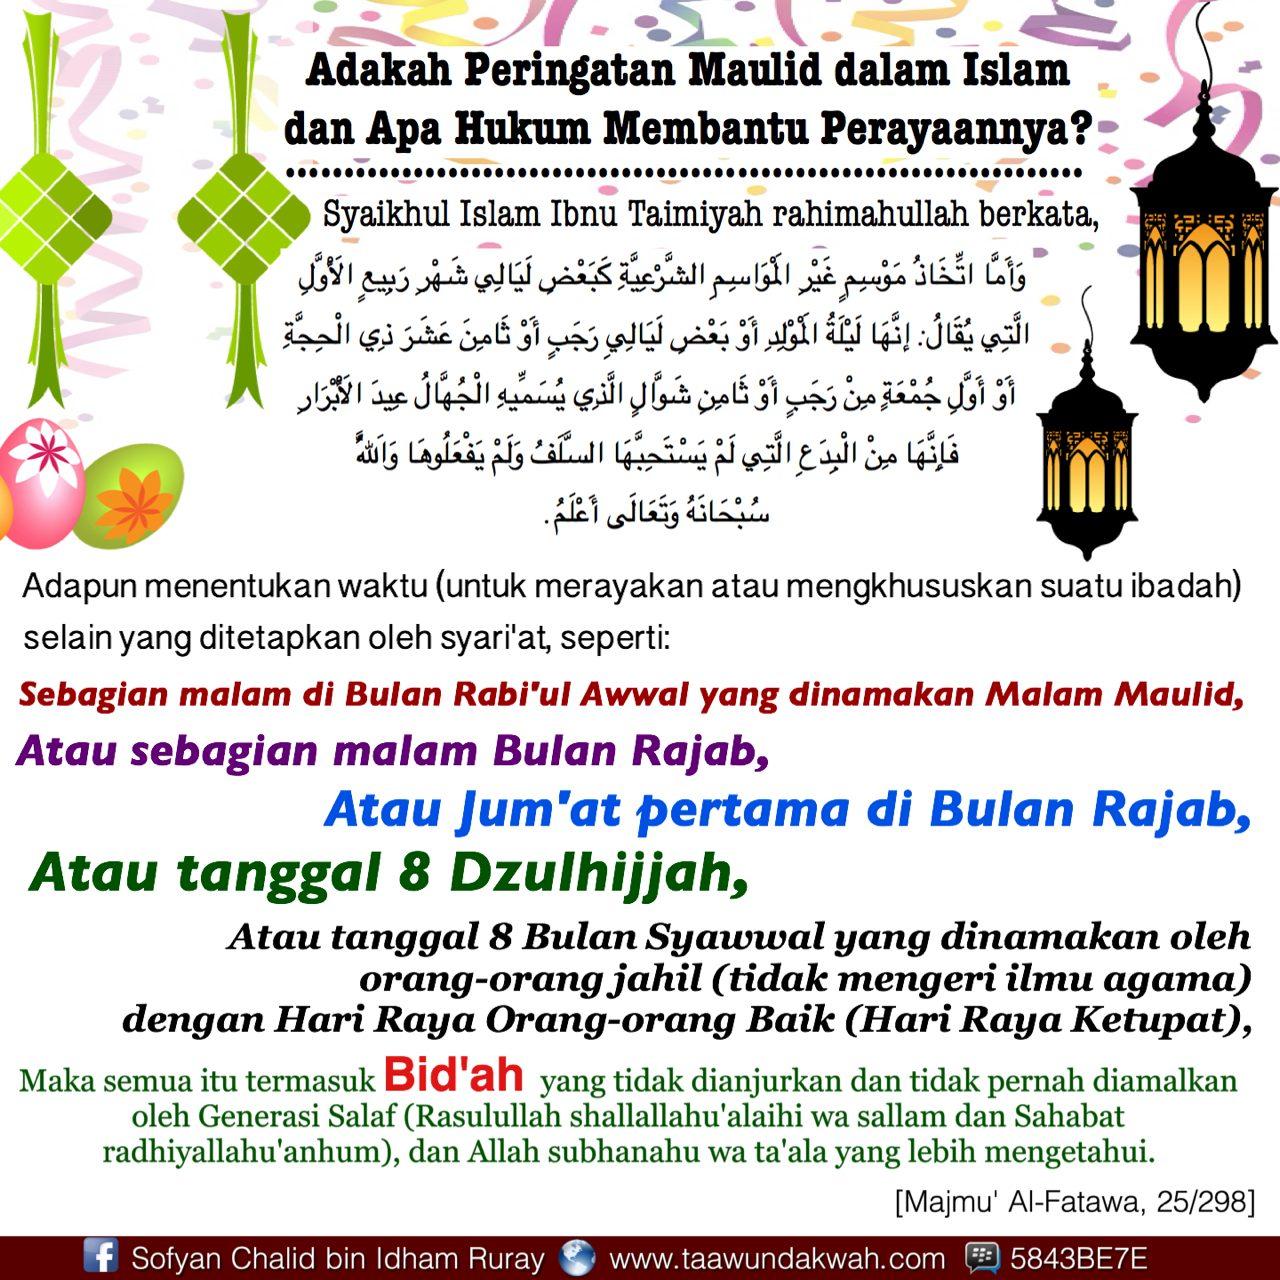 Adakah Peringatan Maulid dalam Islam dan Apa Hukum Membantu Perayaannya?